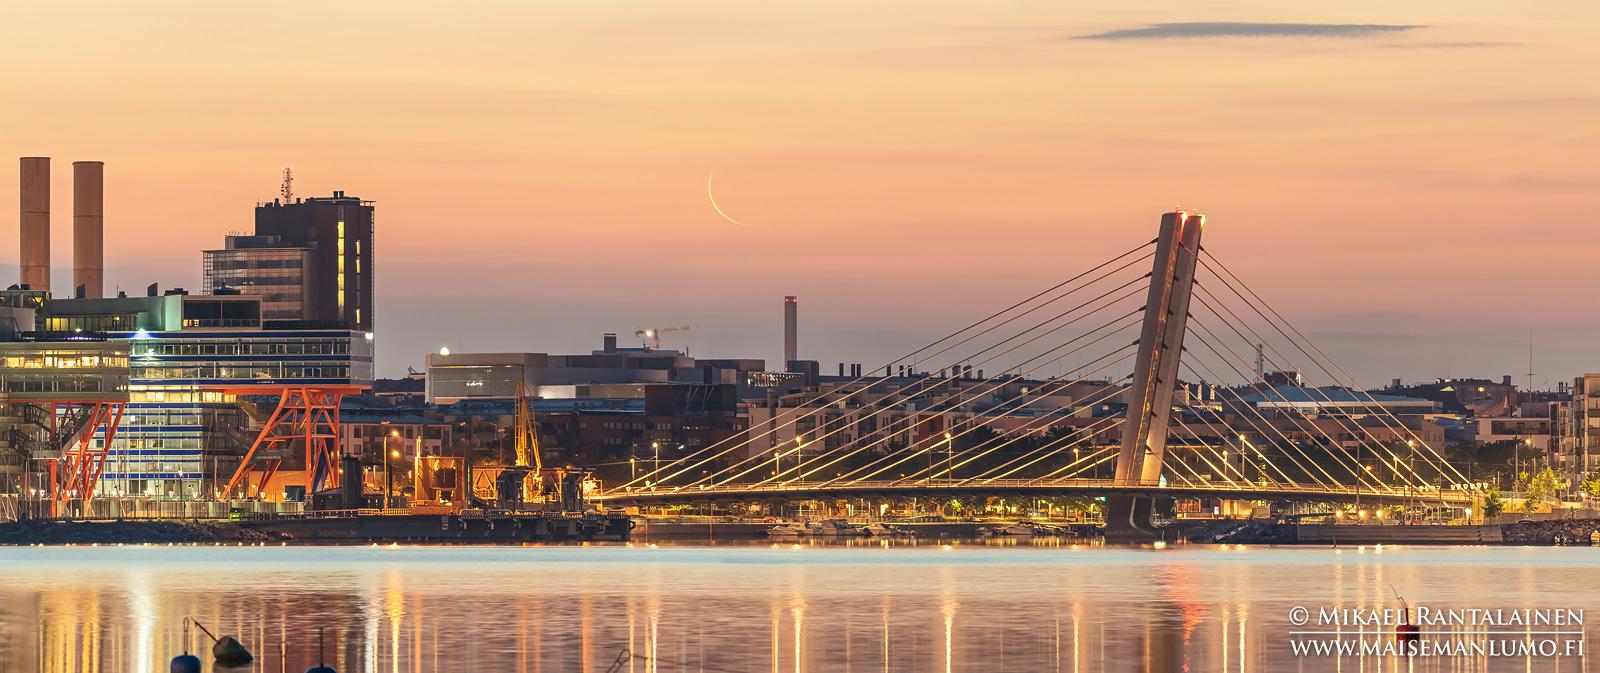 Kuunsirppi ja Crusellin silta Lauttasaaresta